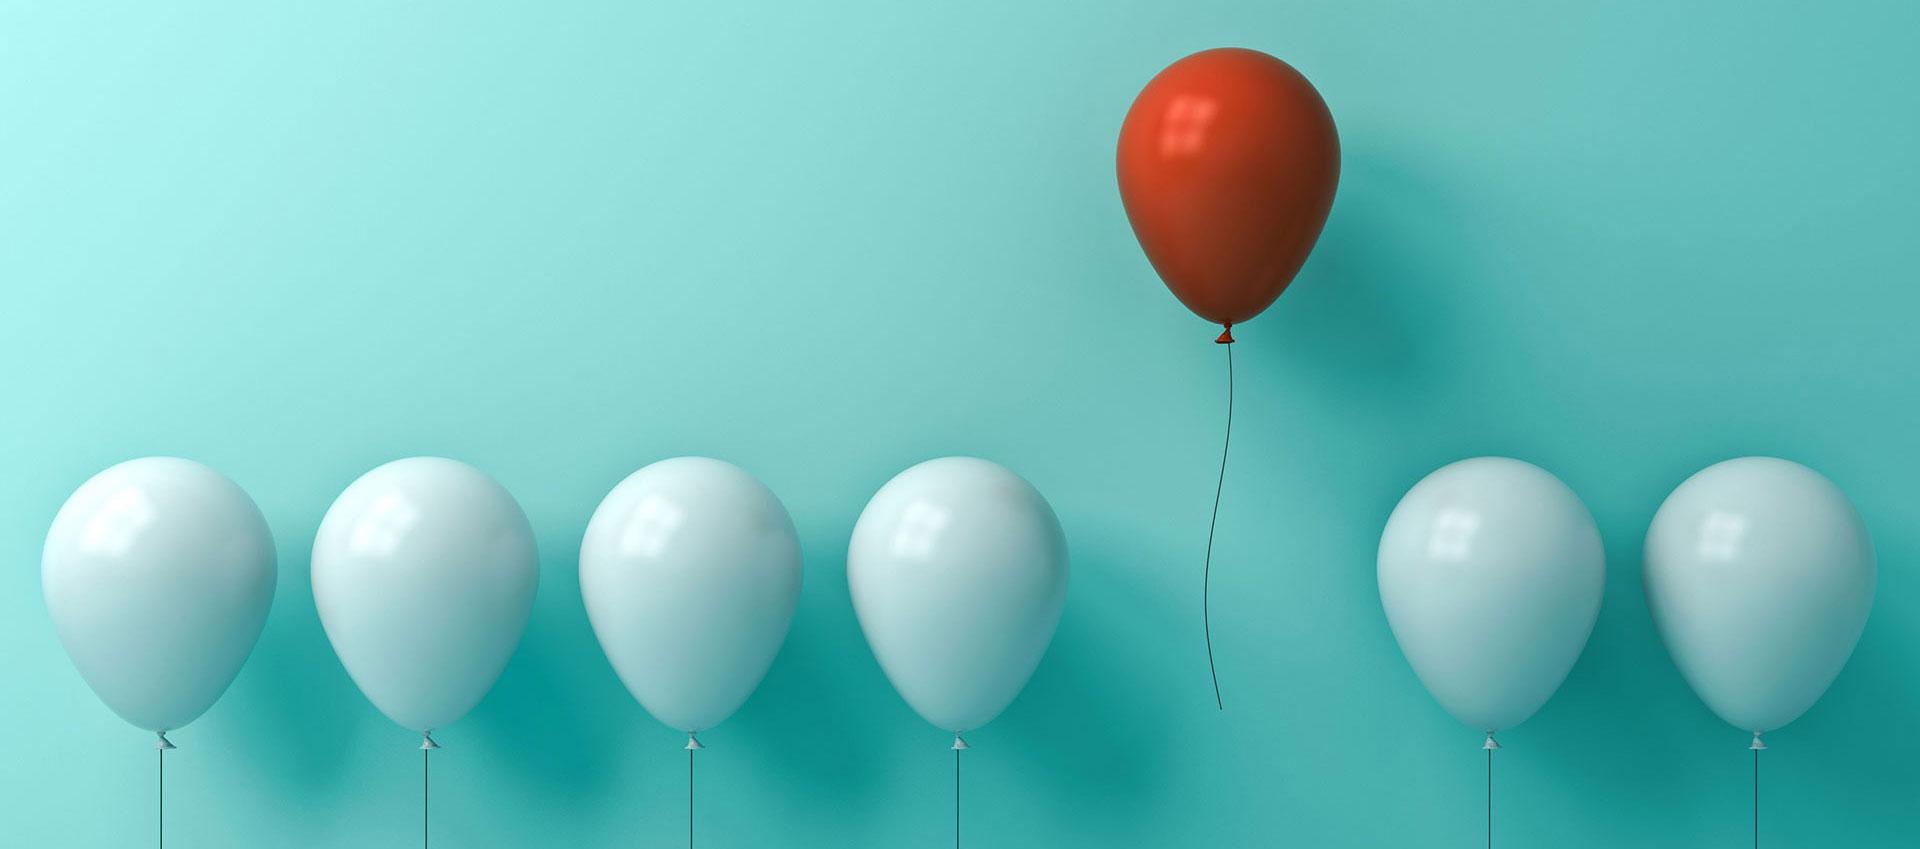 ballons-header-3